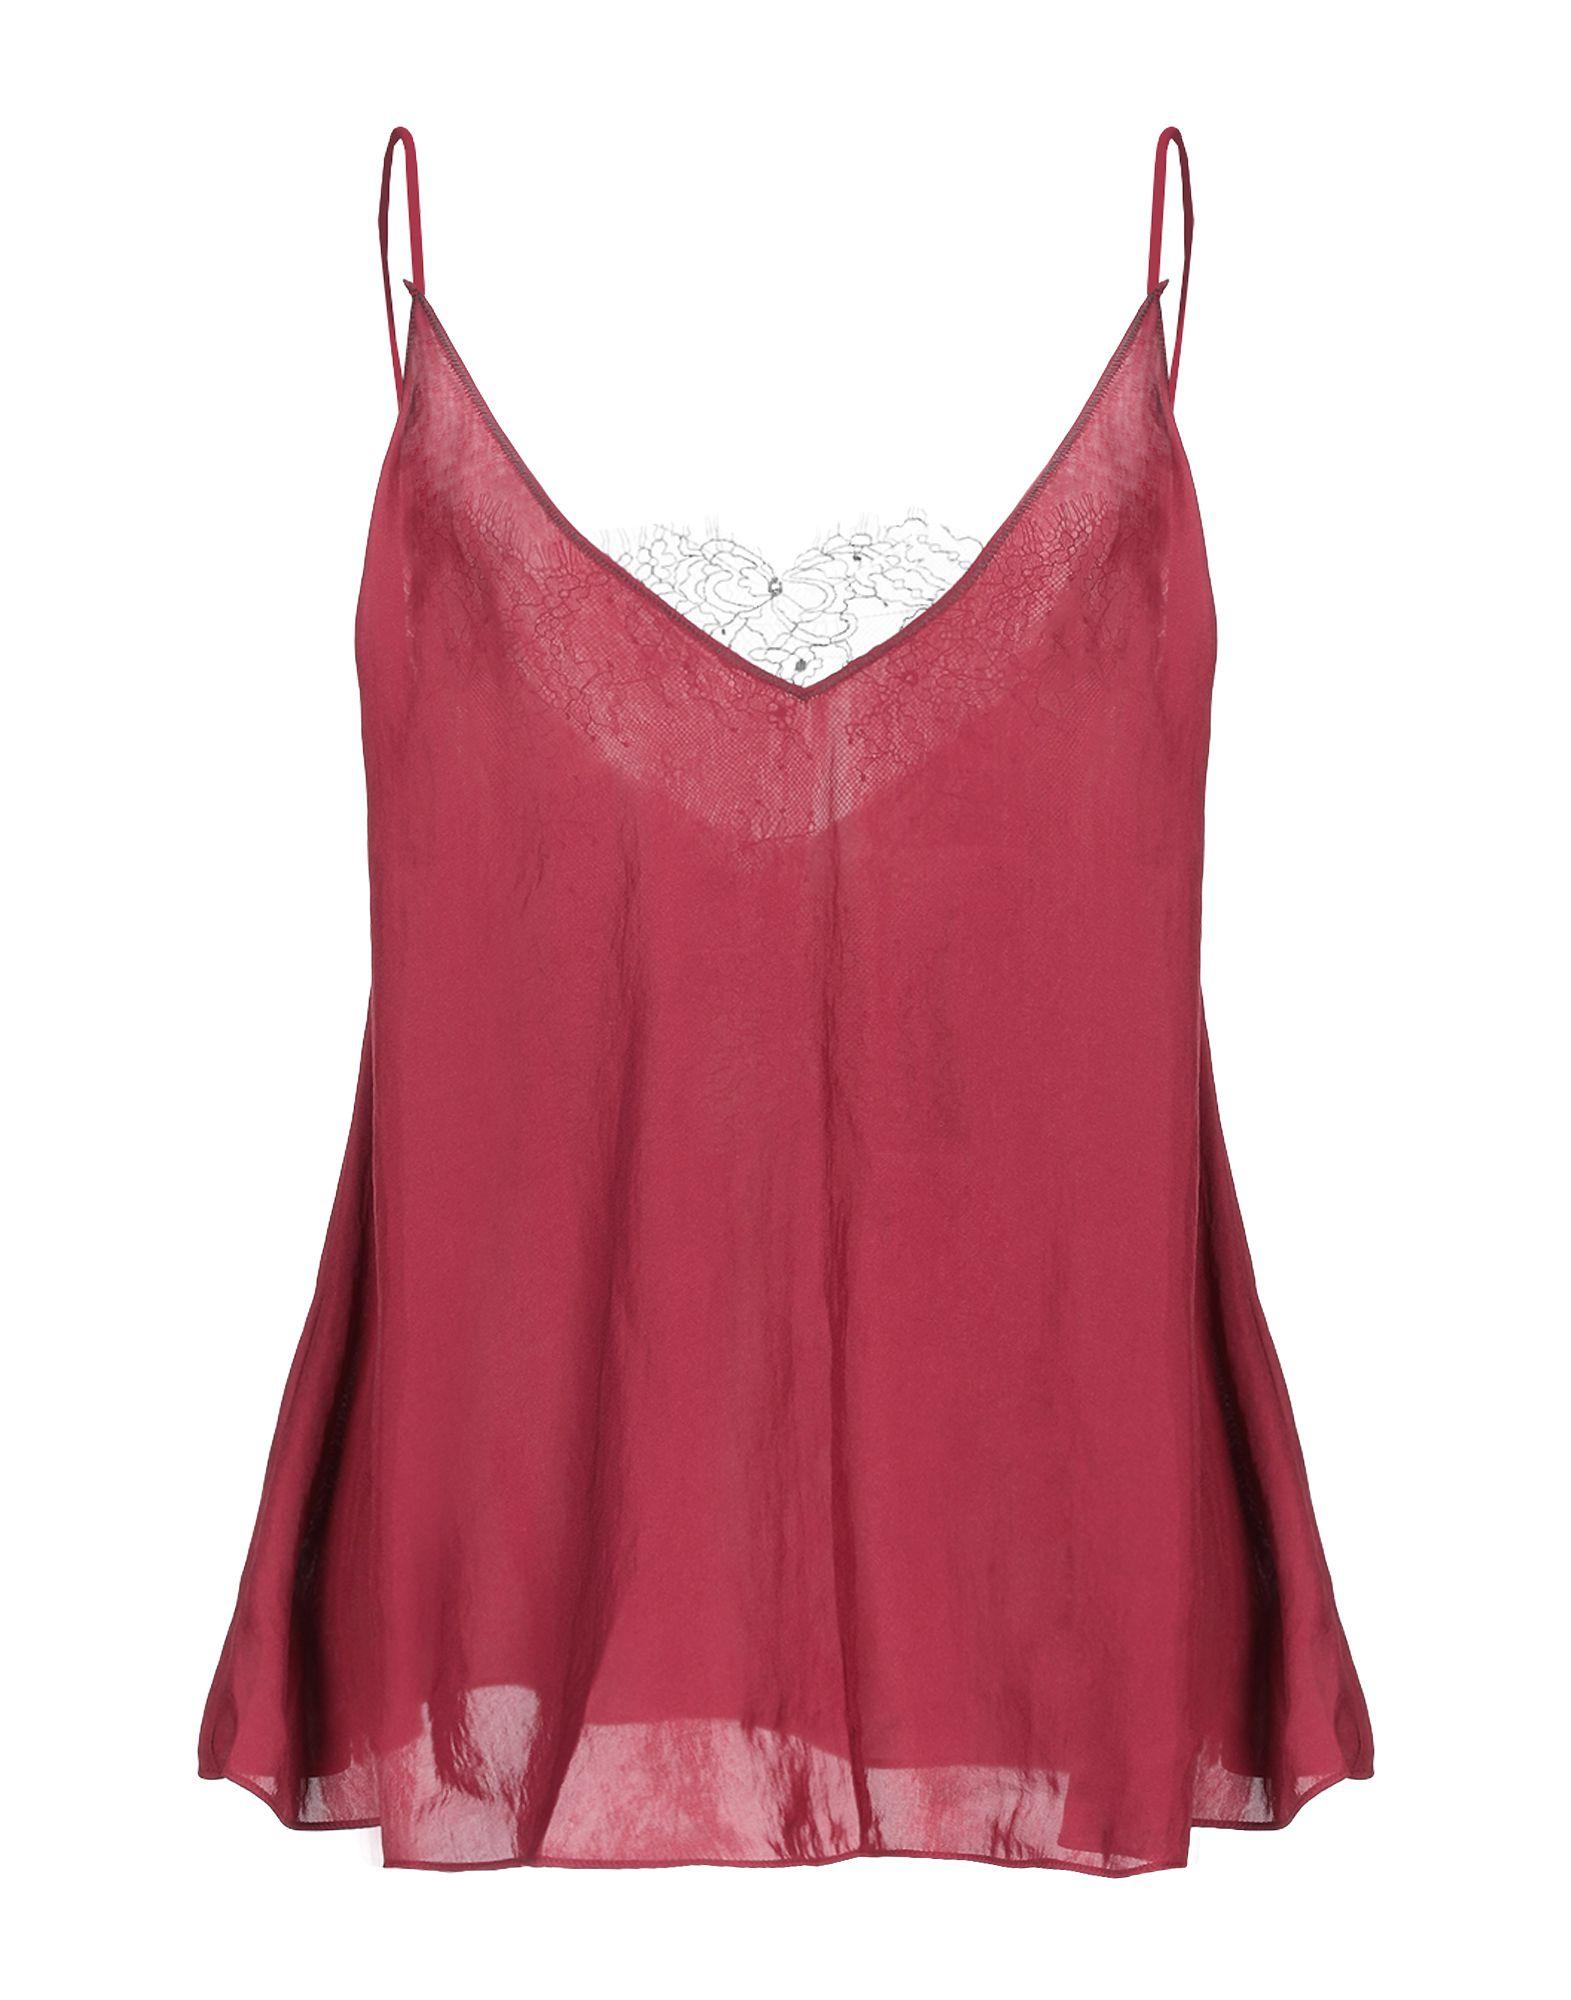 FREE PEOPLE Бельевая майка майка бельевая для девочки lowry цвет розовый gm 168 размер xl 34